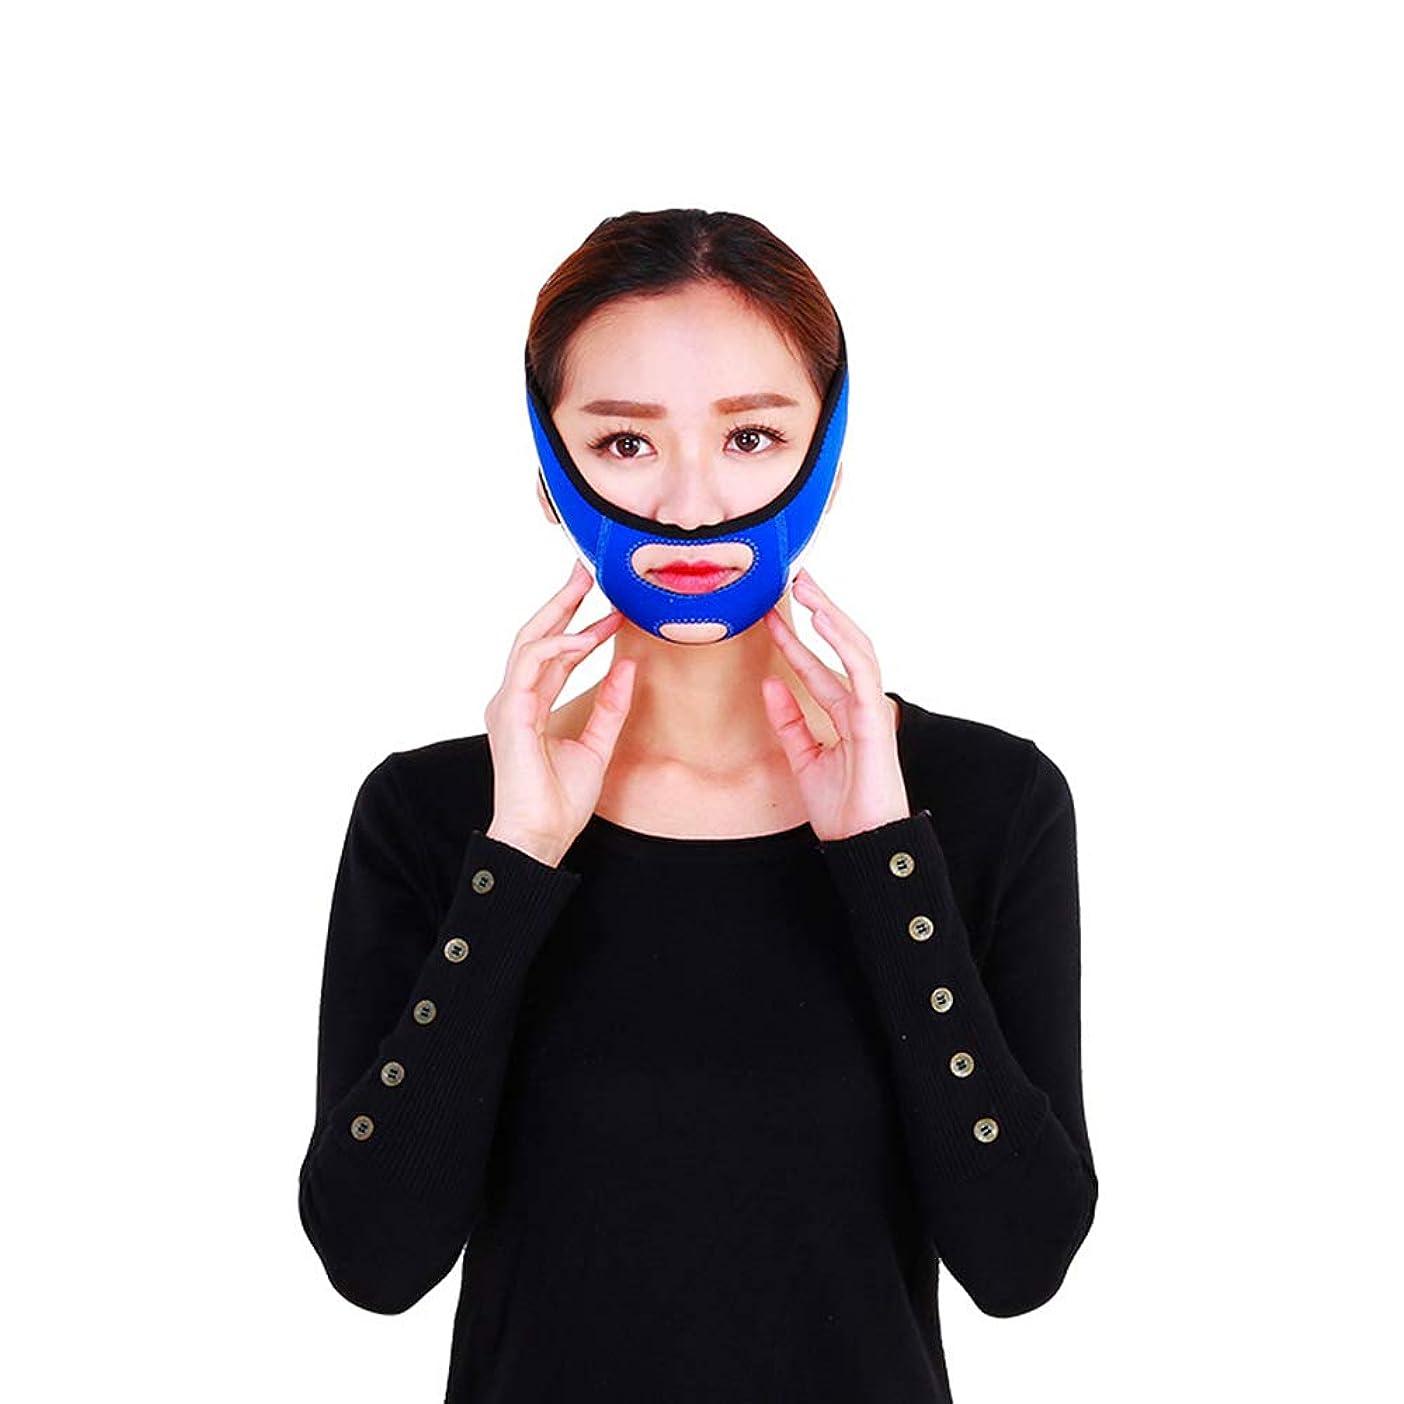 退屈水族館北西フェイシャルリフティング痩身ベルトフェーススリム二重あごを取り除くアンチエイジングリンクルフェイス包帯マスク整形マスクが顔を引き締める